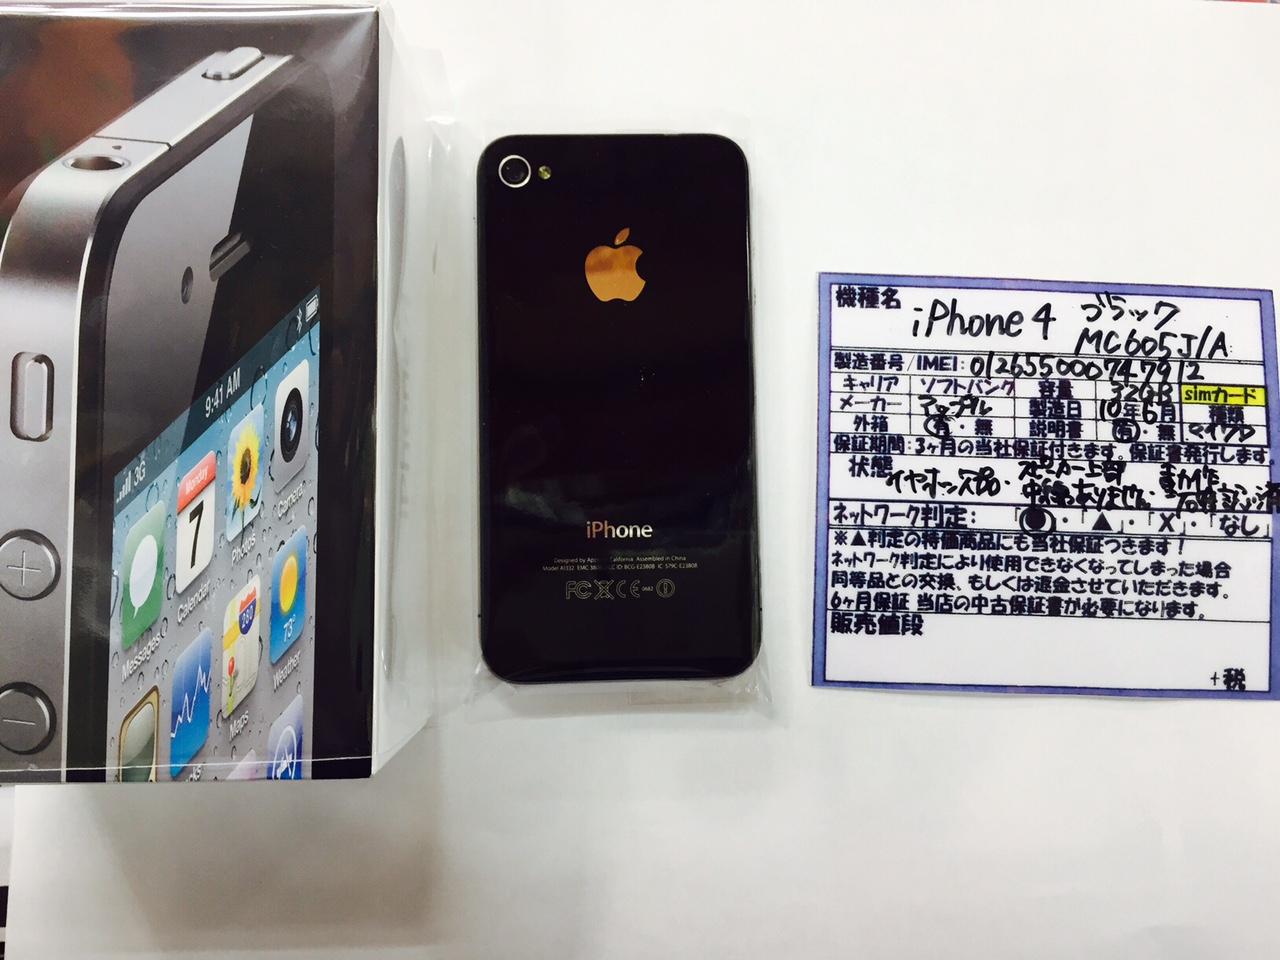 ソフトバンク iPhone4 32GB 箱つき MC605J